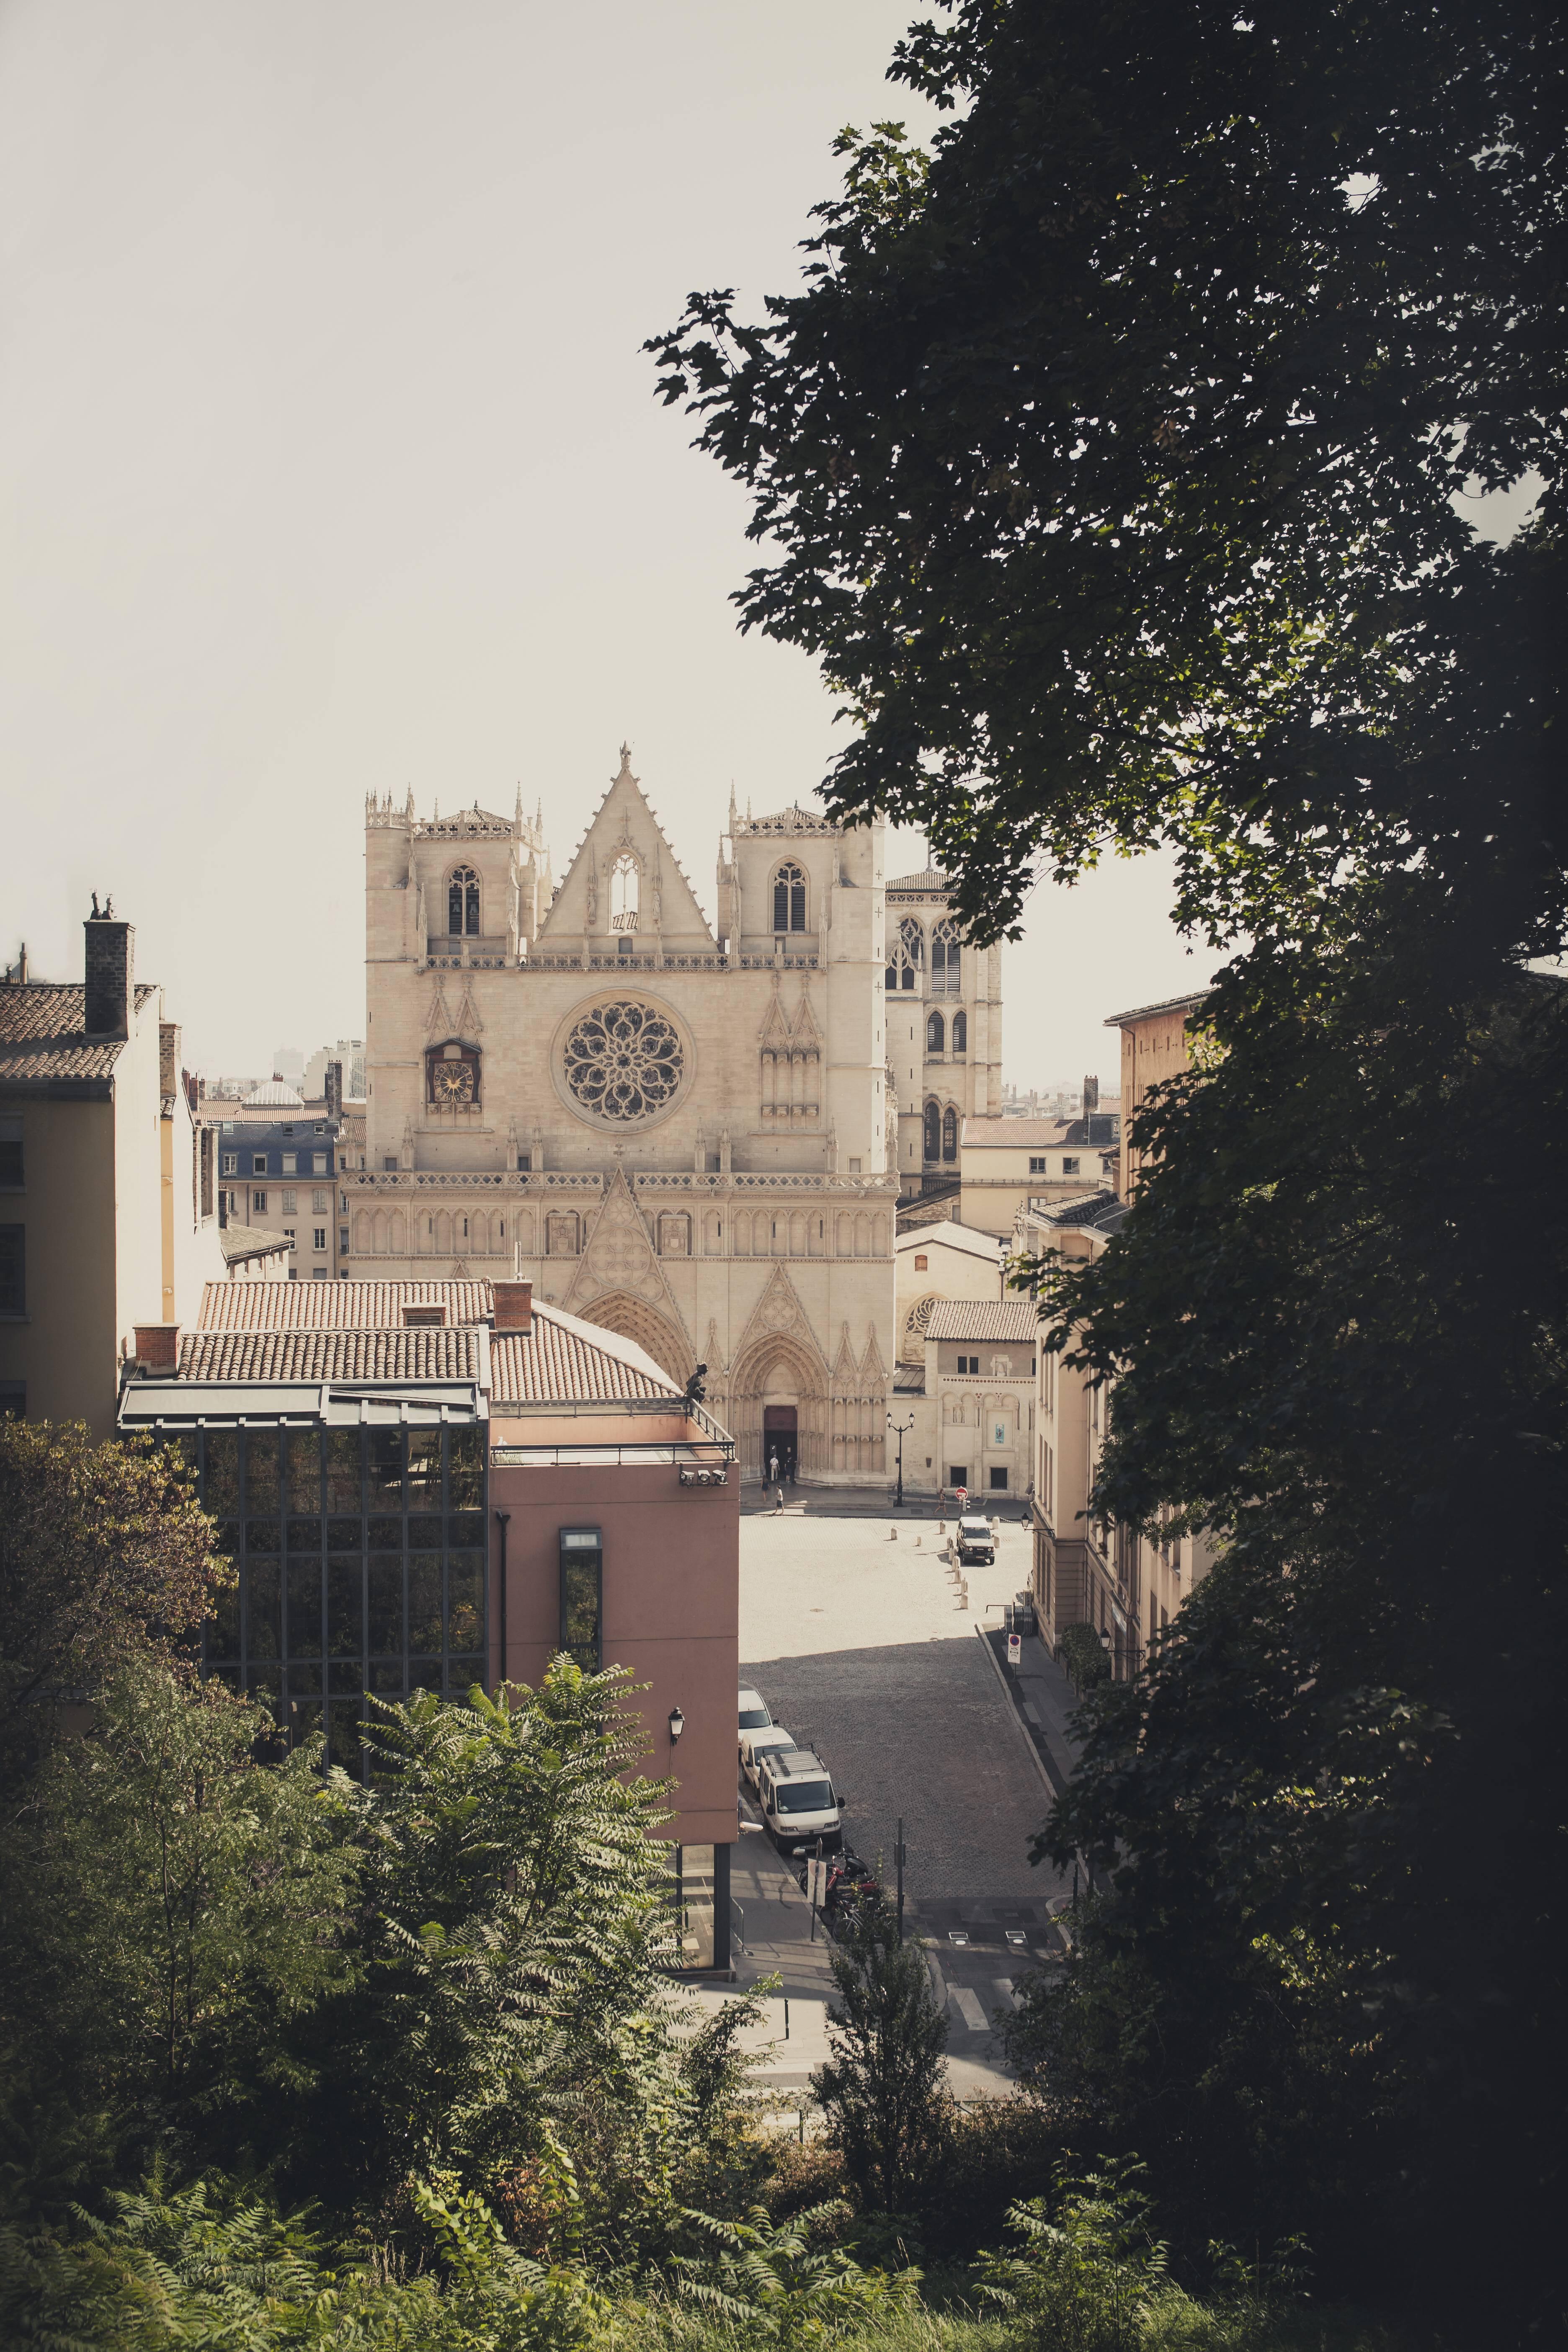 France, Department Rhone, Lyon, View to Lyon Cathedral PUBLICATIONxINxGERxSUIxAUTxHUNxONLY SBDF001322France Department Rhone Lyon View to Lyon Cathedral PUBLICATIONxINxGERxSUIxAUTxHUNxONLY SBDF001322